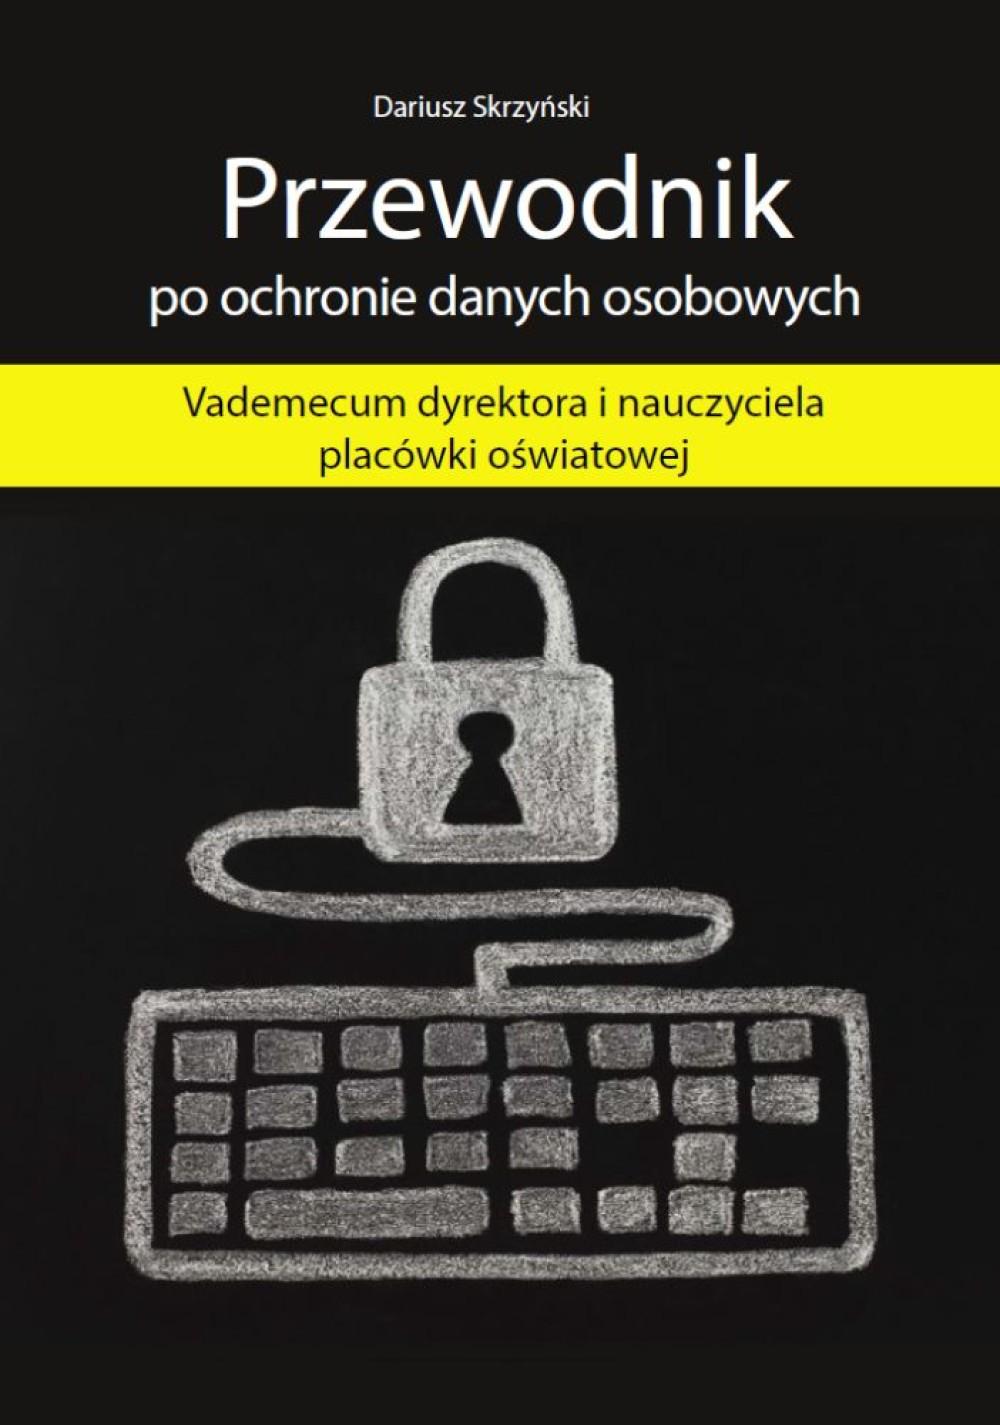 Przewodnik po ochronie danych osobowych - Vademecum dyrektora i nauczyciela placówki oświatowej ebook